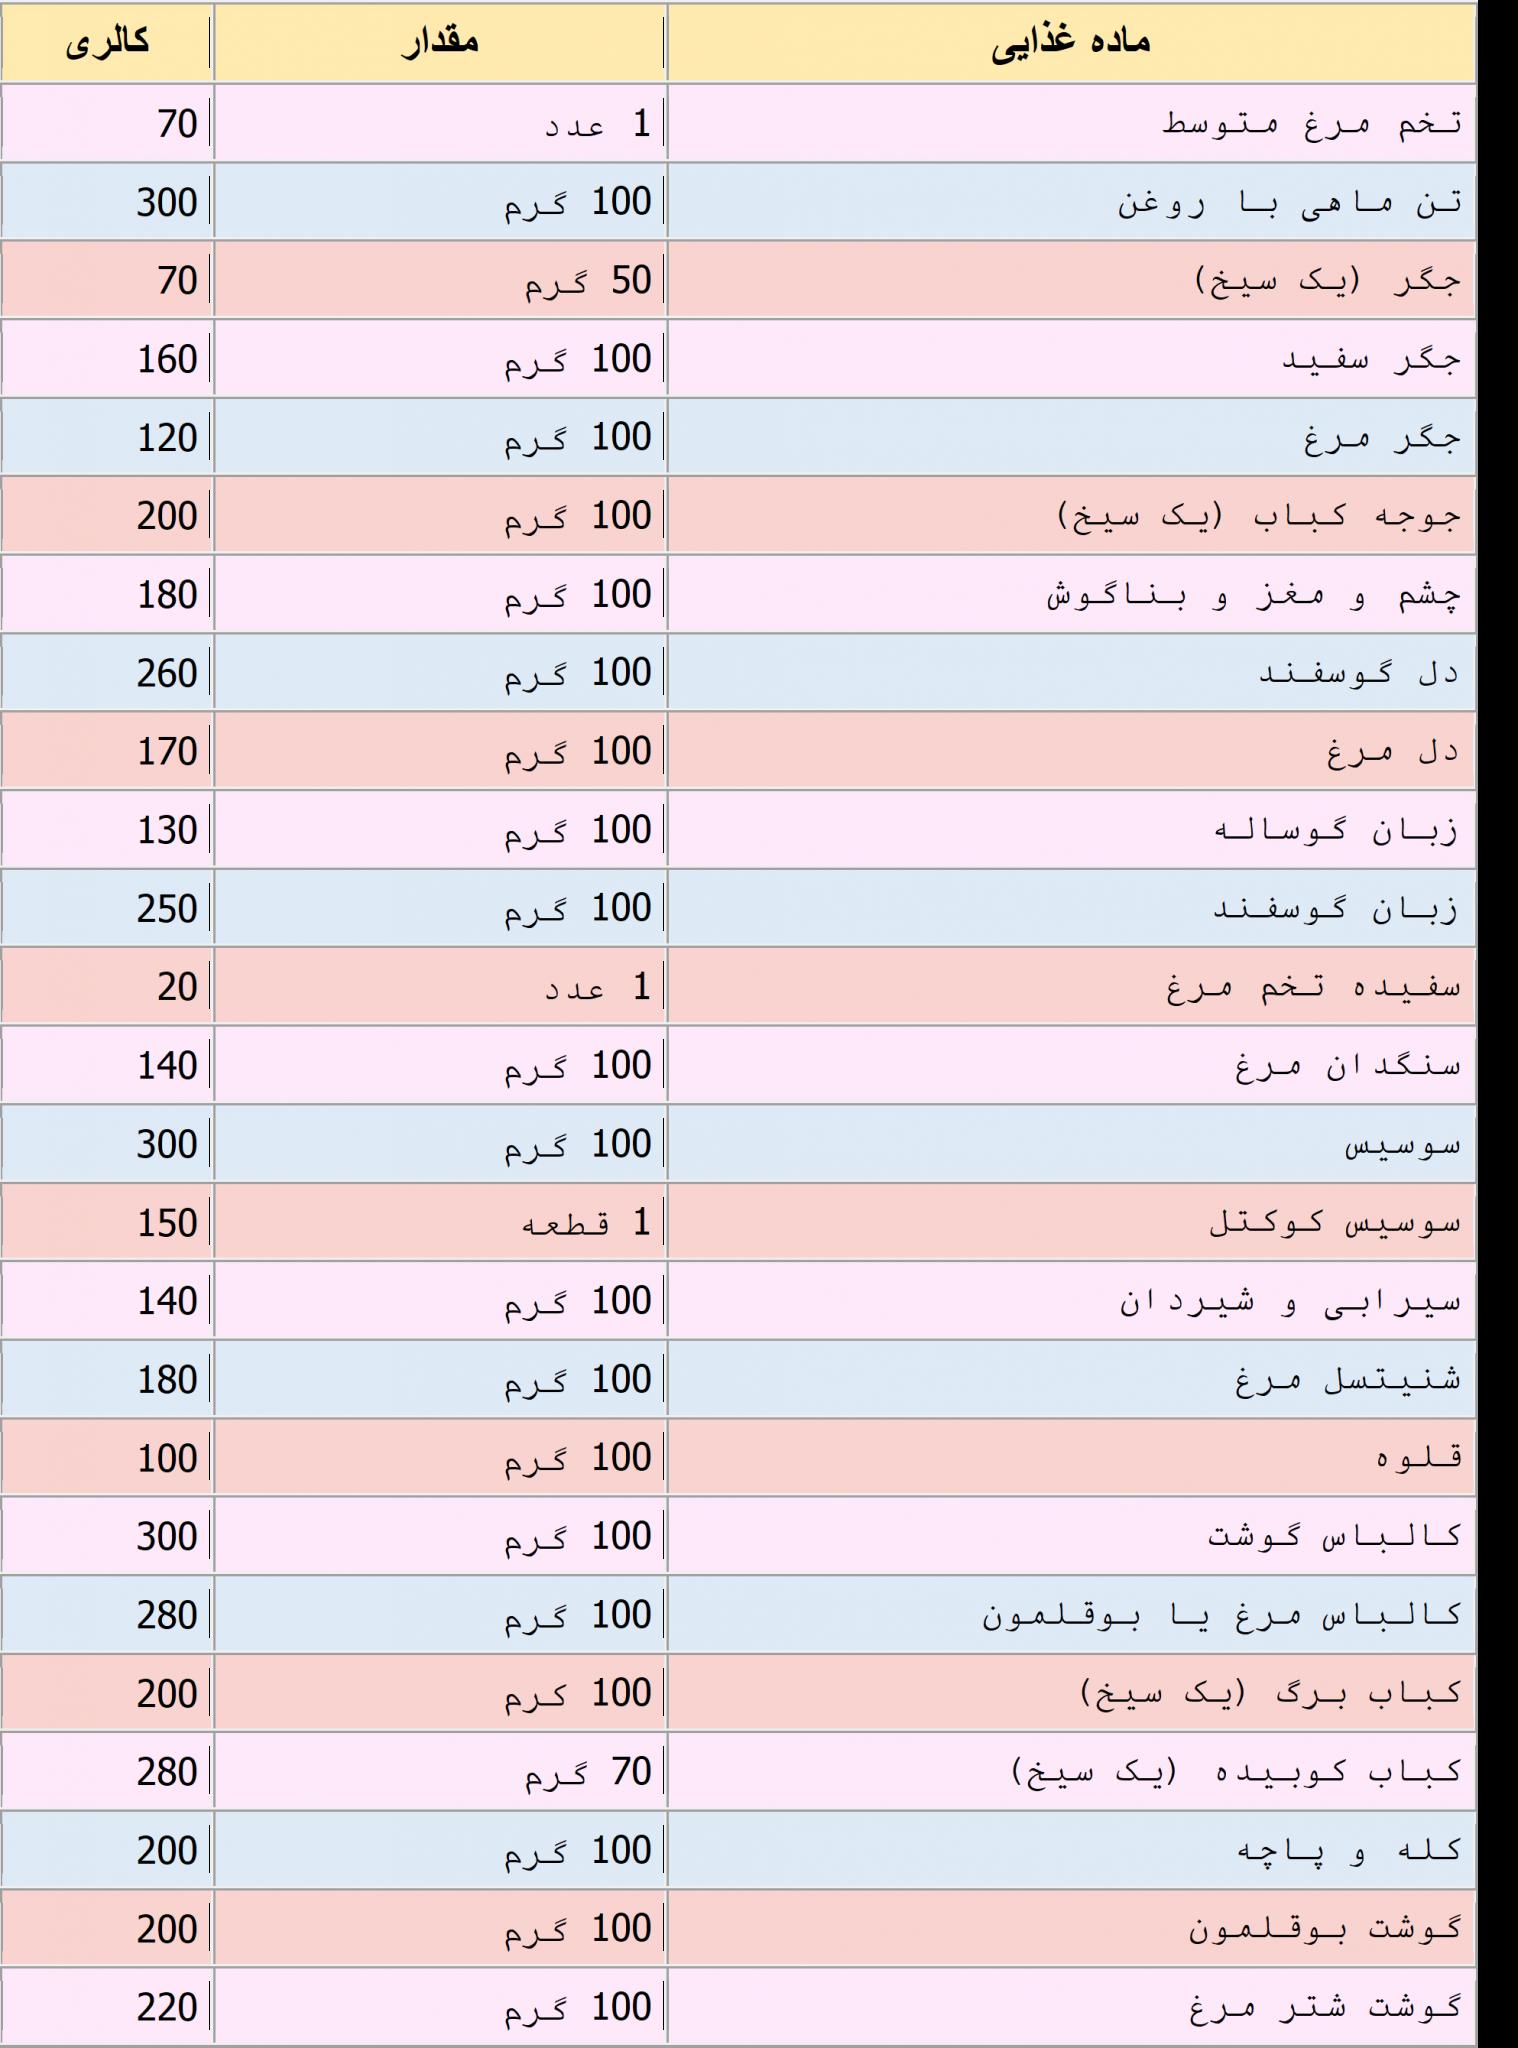 جدول-کالری-انواع-گوشت-و-مواد-پروتئینی1-scaled